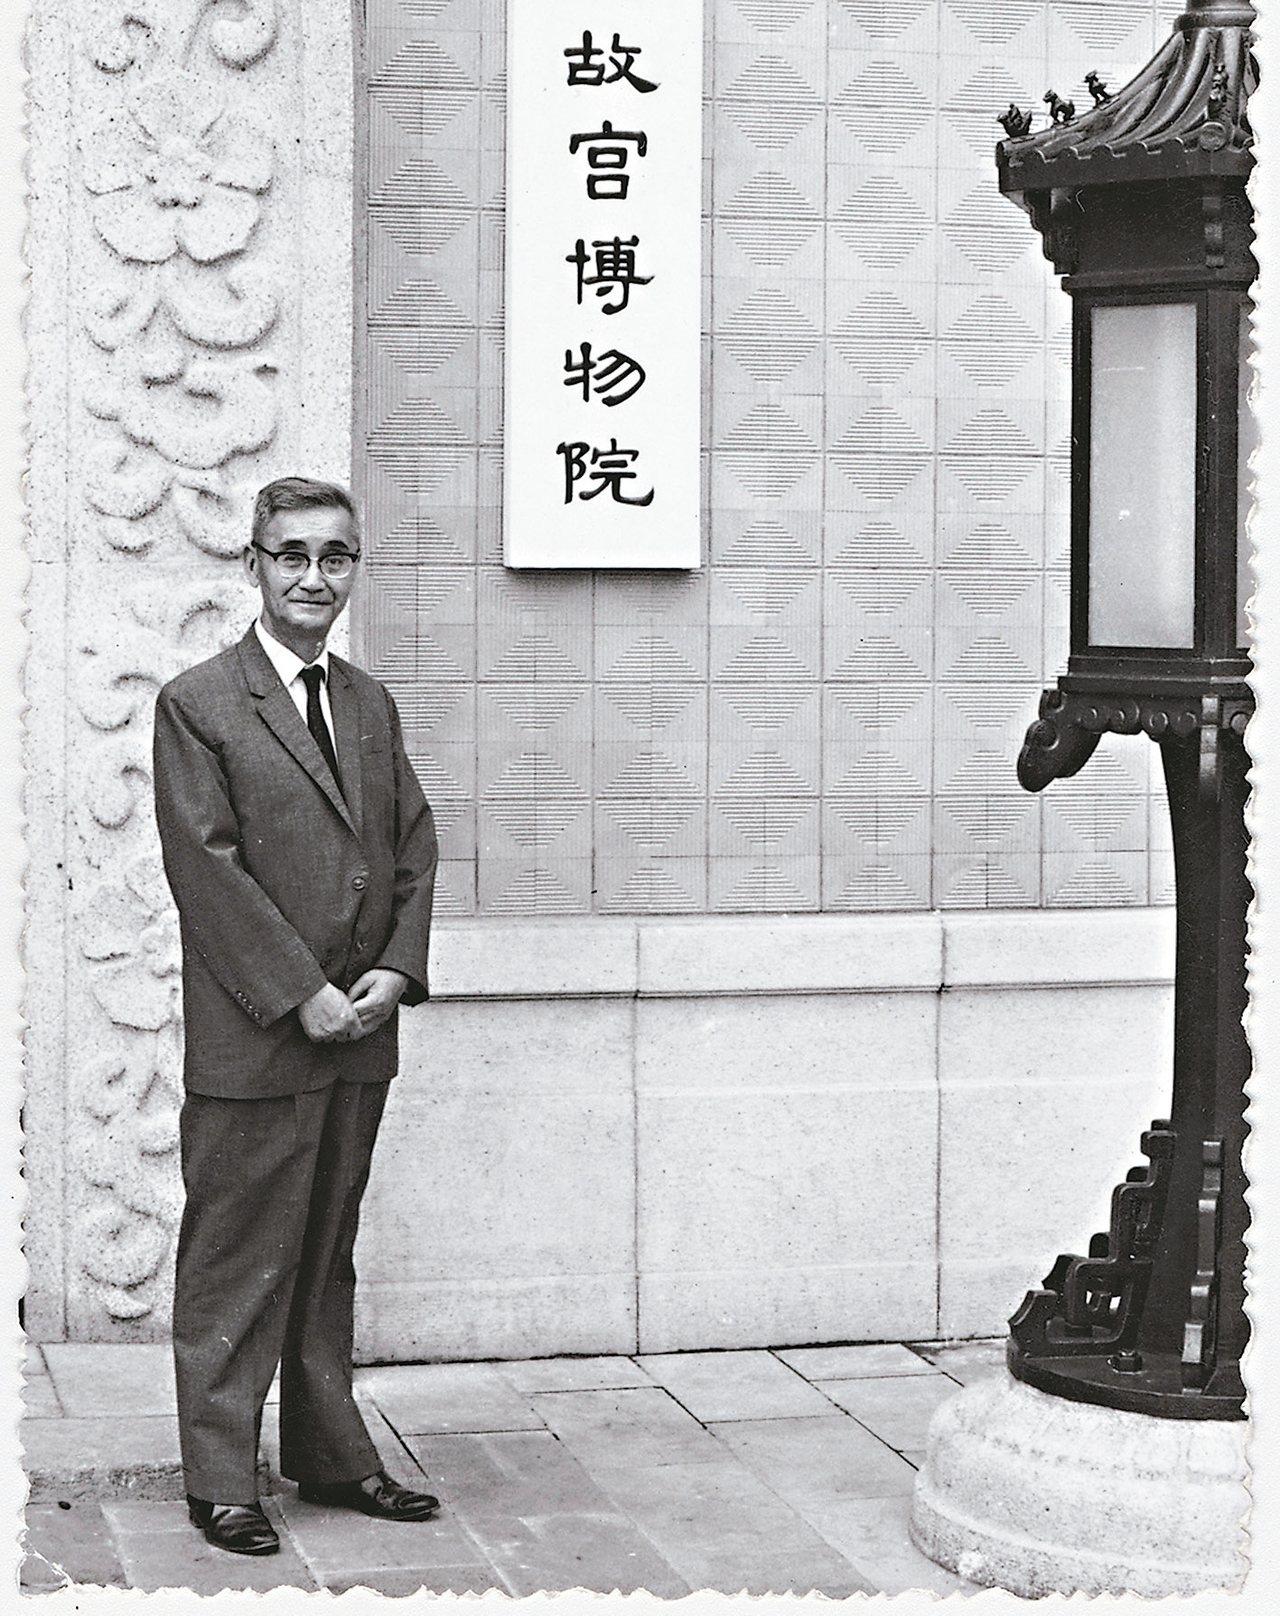 莊嚴在台北故宮門前留影。 陳立凱/攝影 圖/羲之堂提供